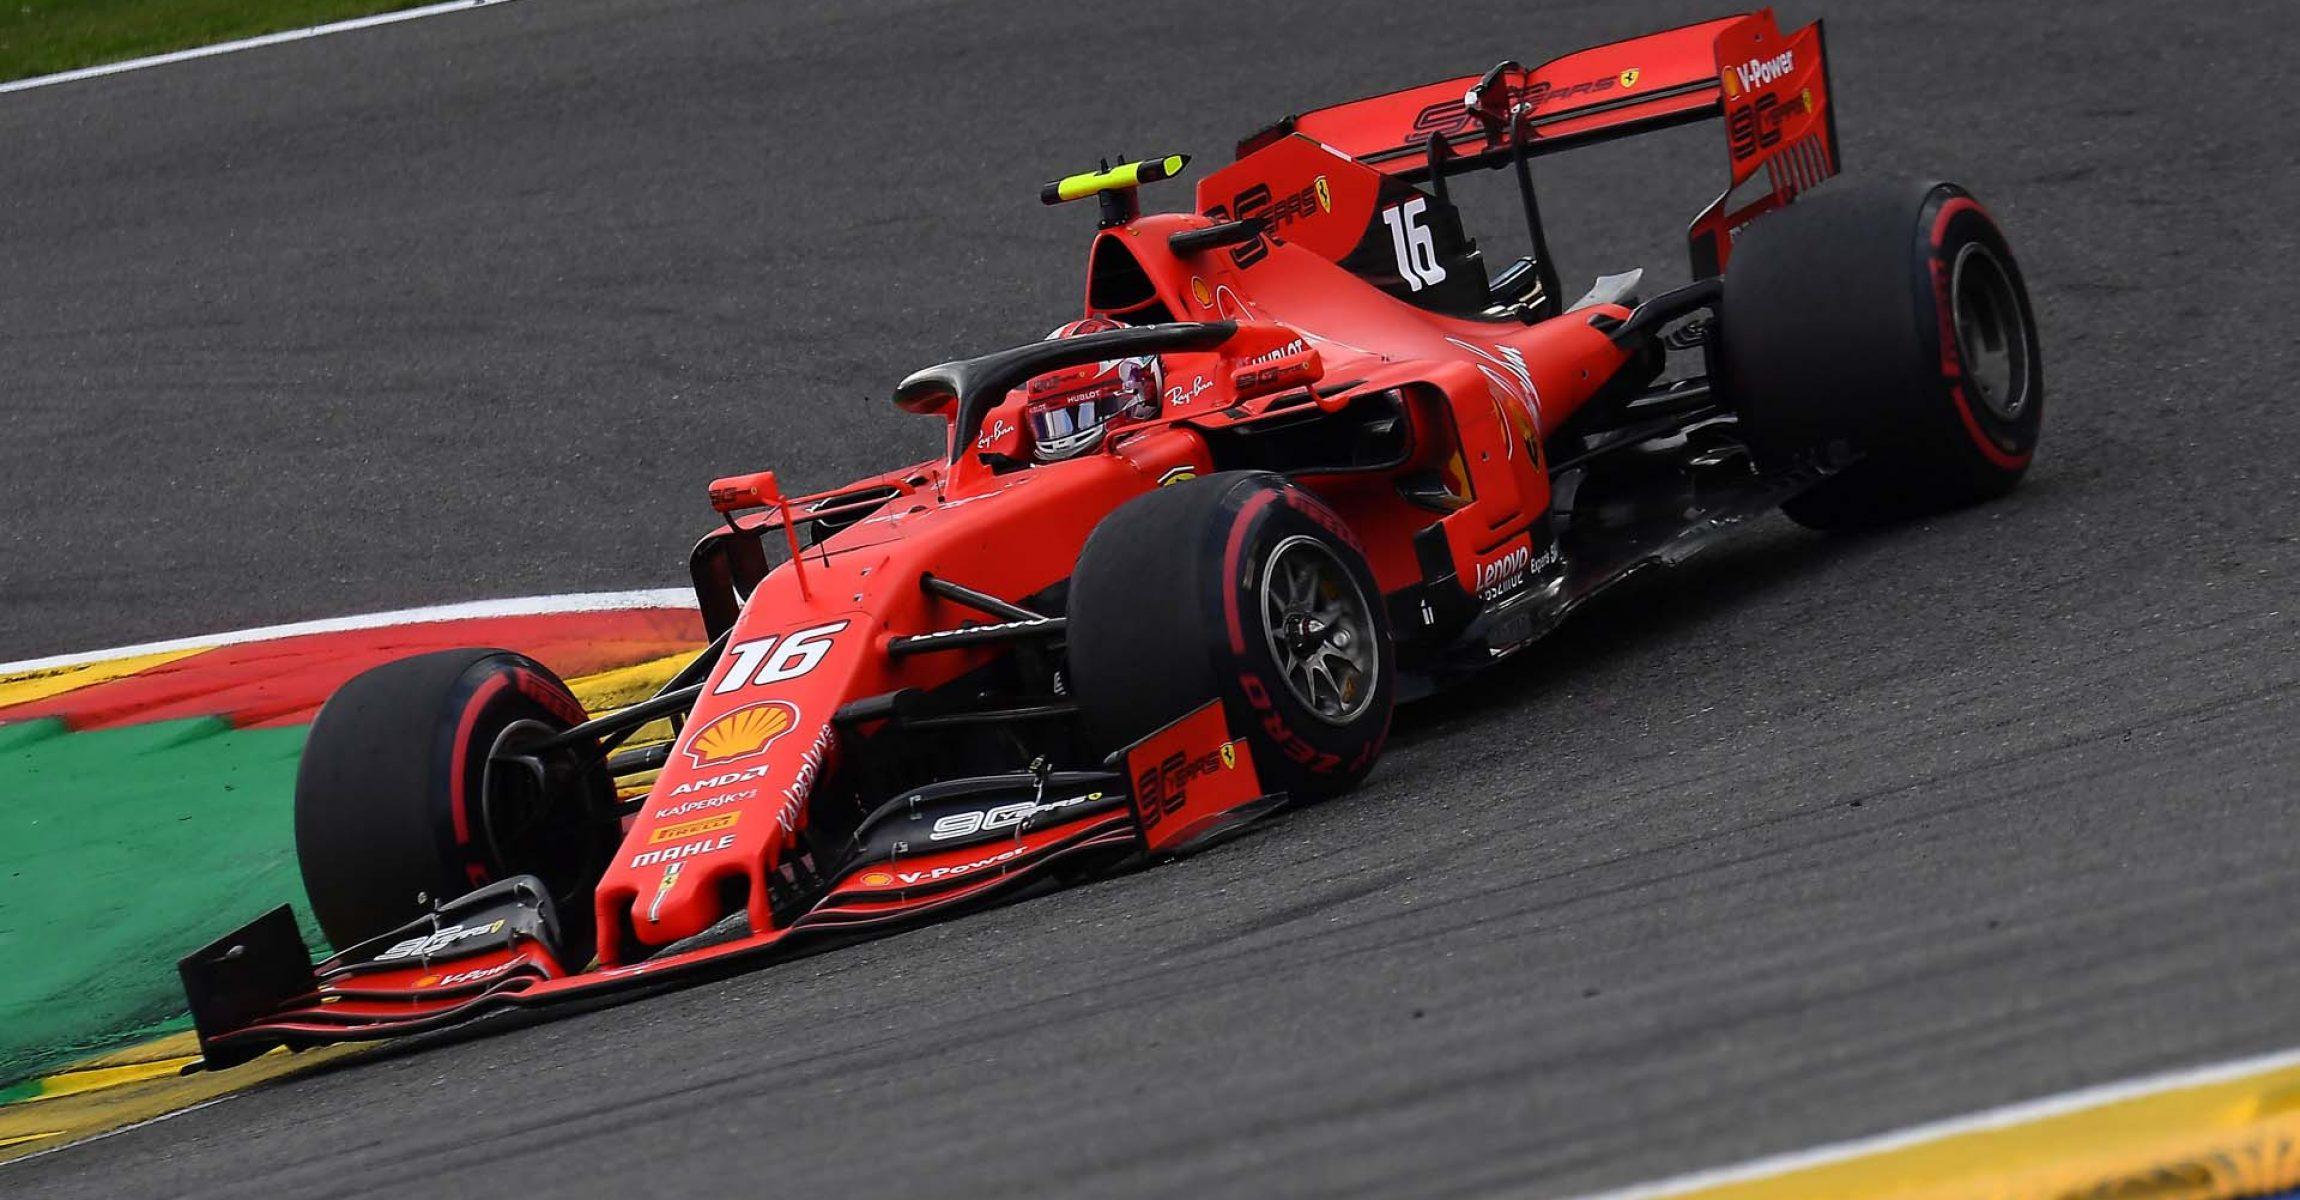 GP BELGIO  F1/2019 -  DOMENICA 01/09/2019   credit: @Scuderia Ferrari Press Office Charles Leclerc, Ferrari